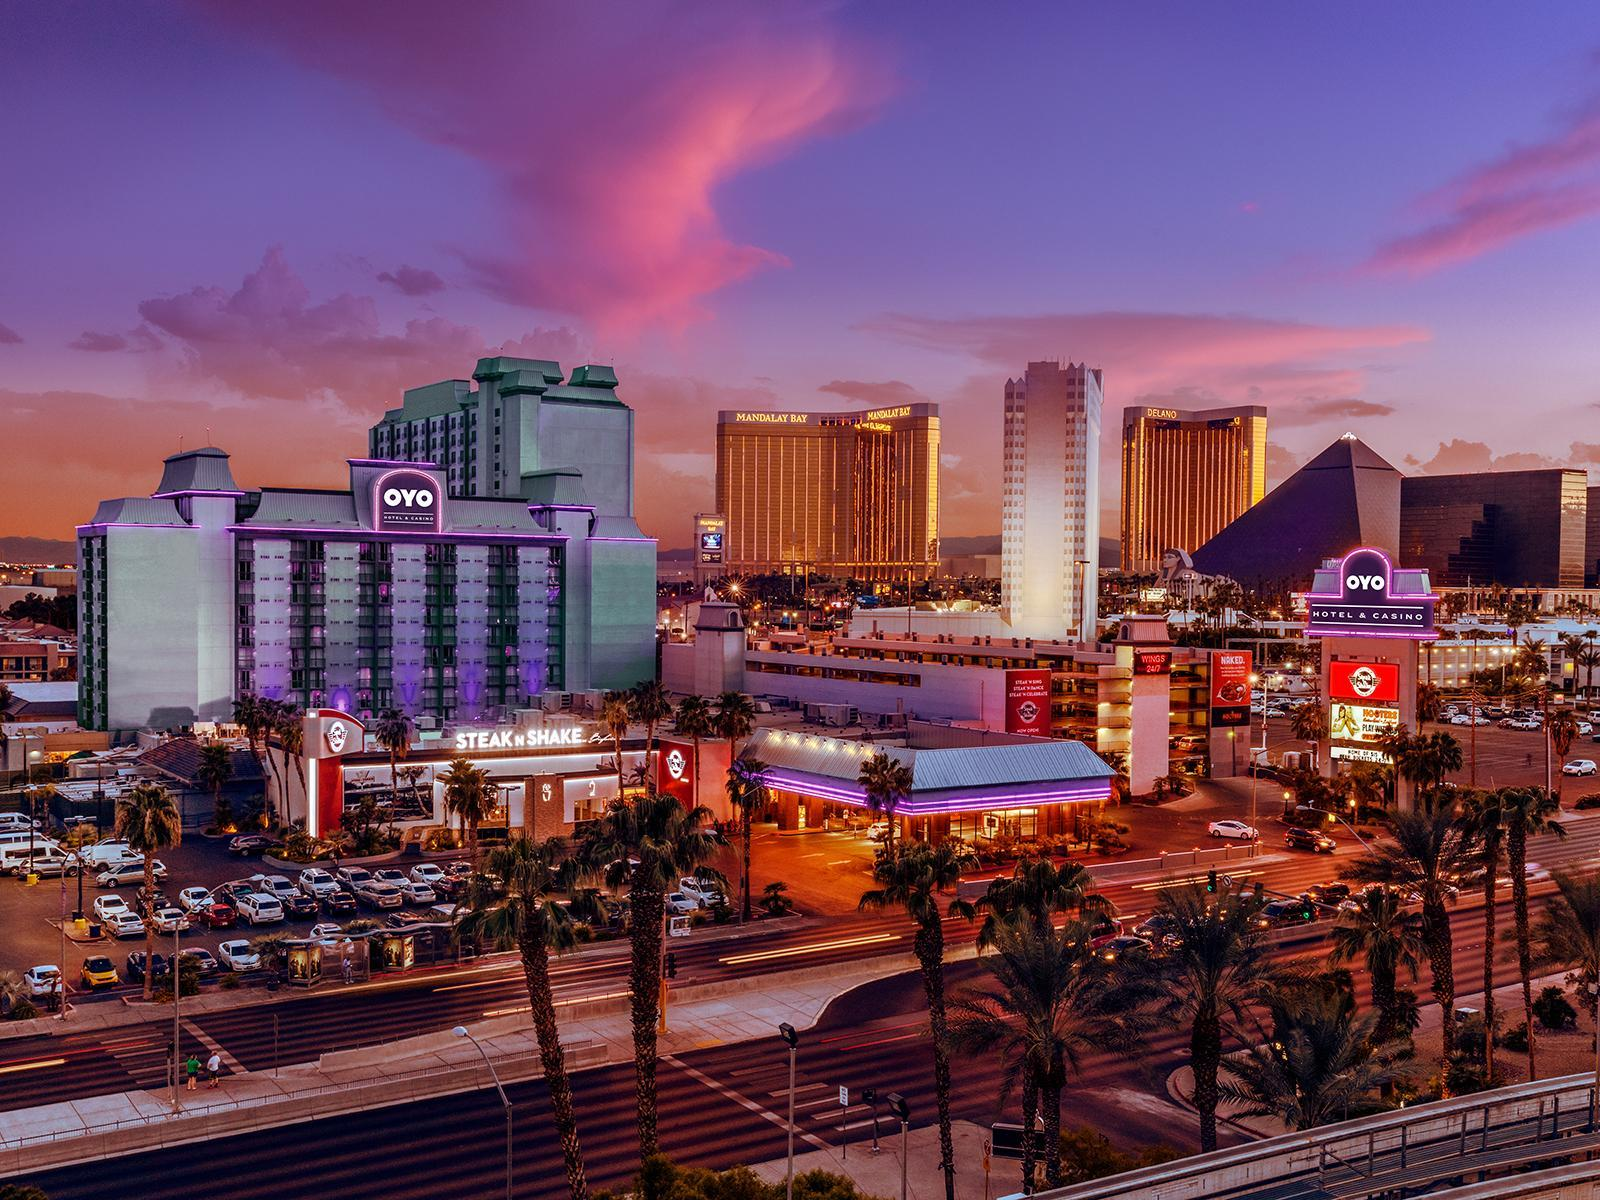 Var är det bästa stället att koppla in i Las Vegas